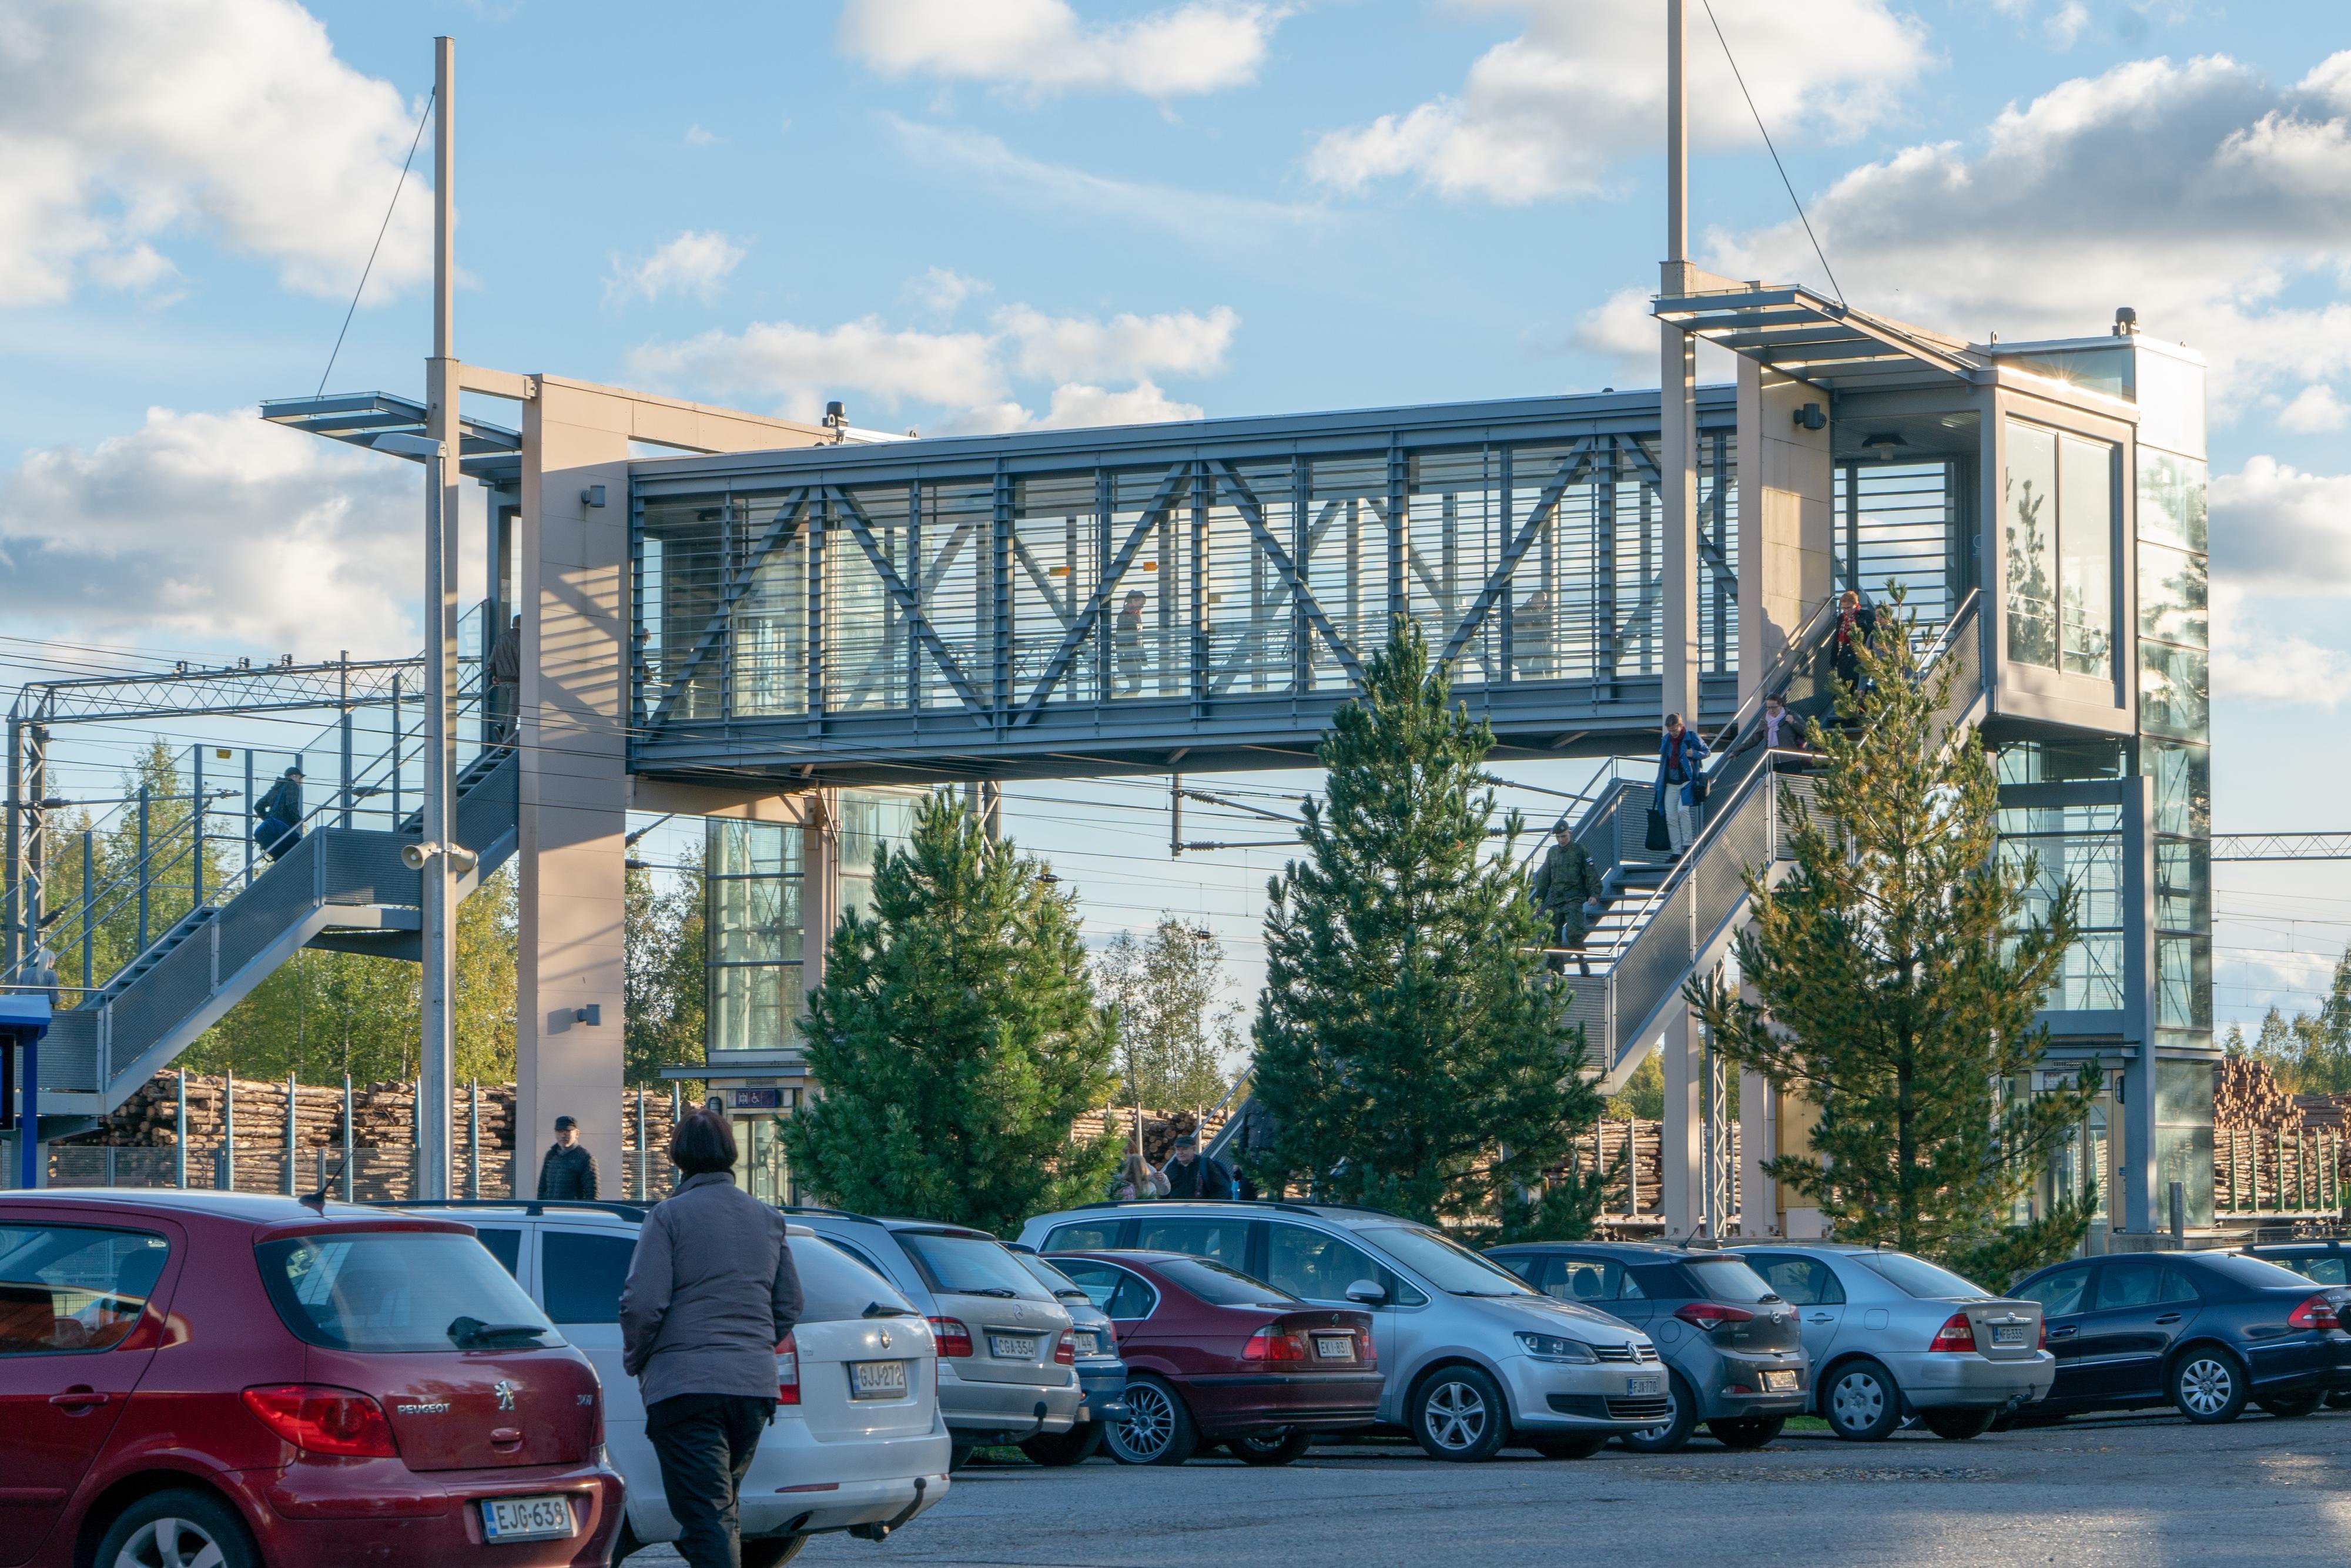 Oriveden rautatieaseman pysäköintialuetta, jossa on henkilöautoja pysäköitynä.